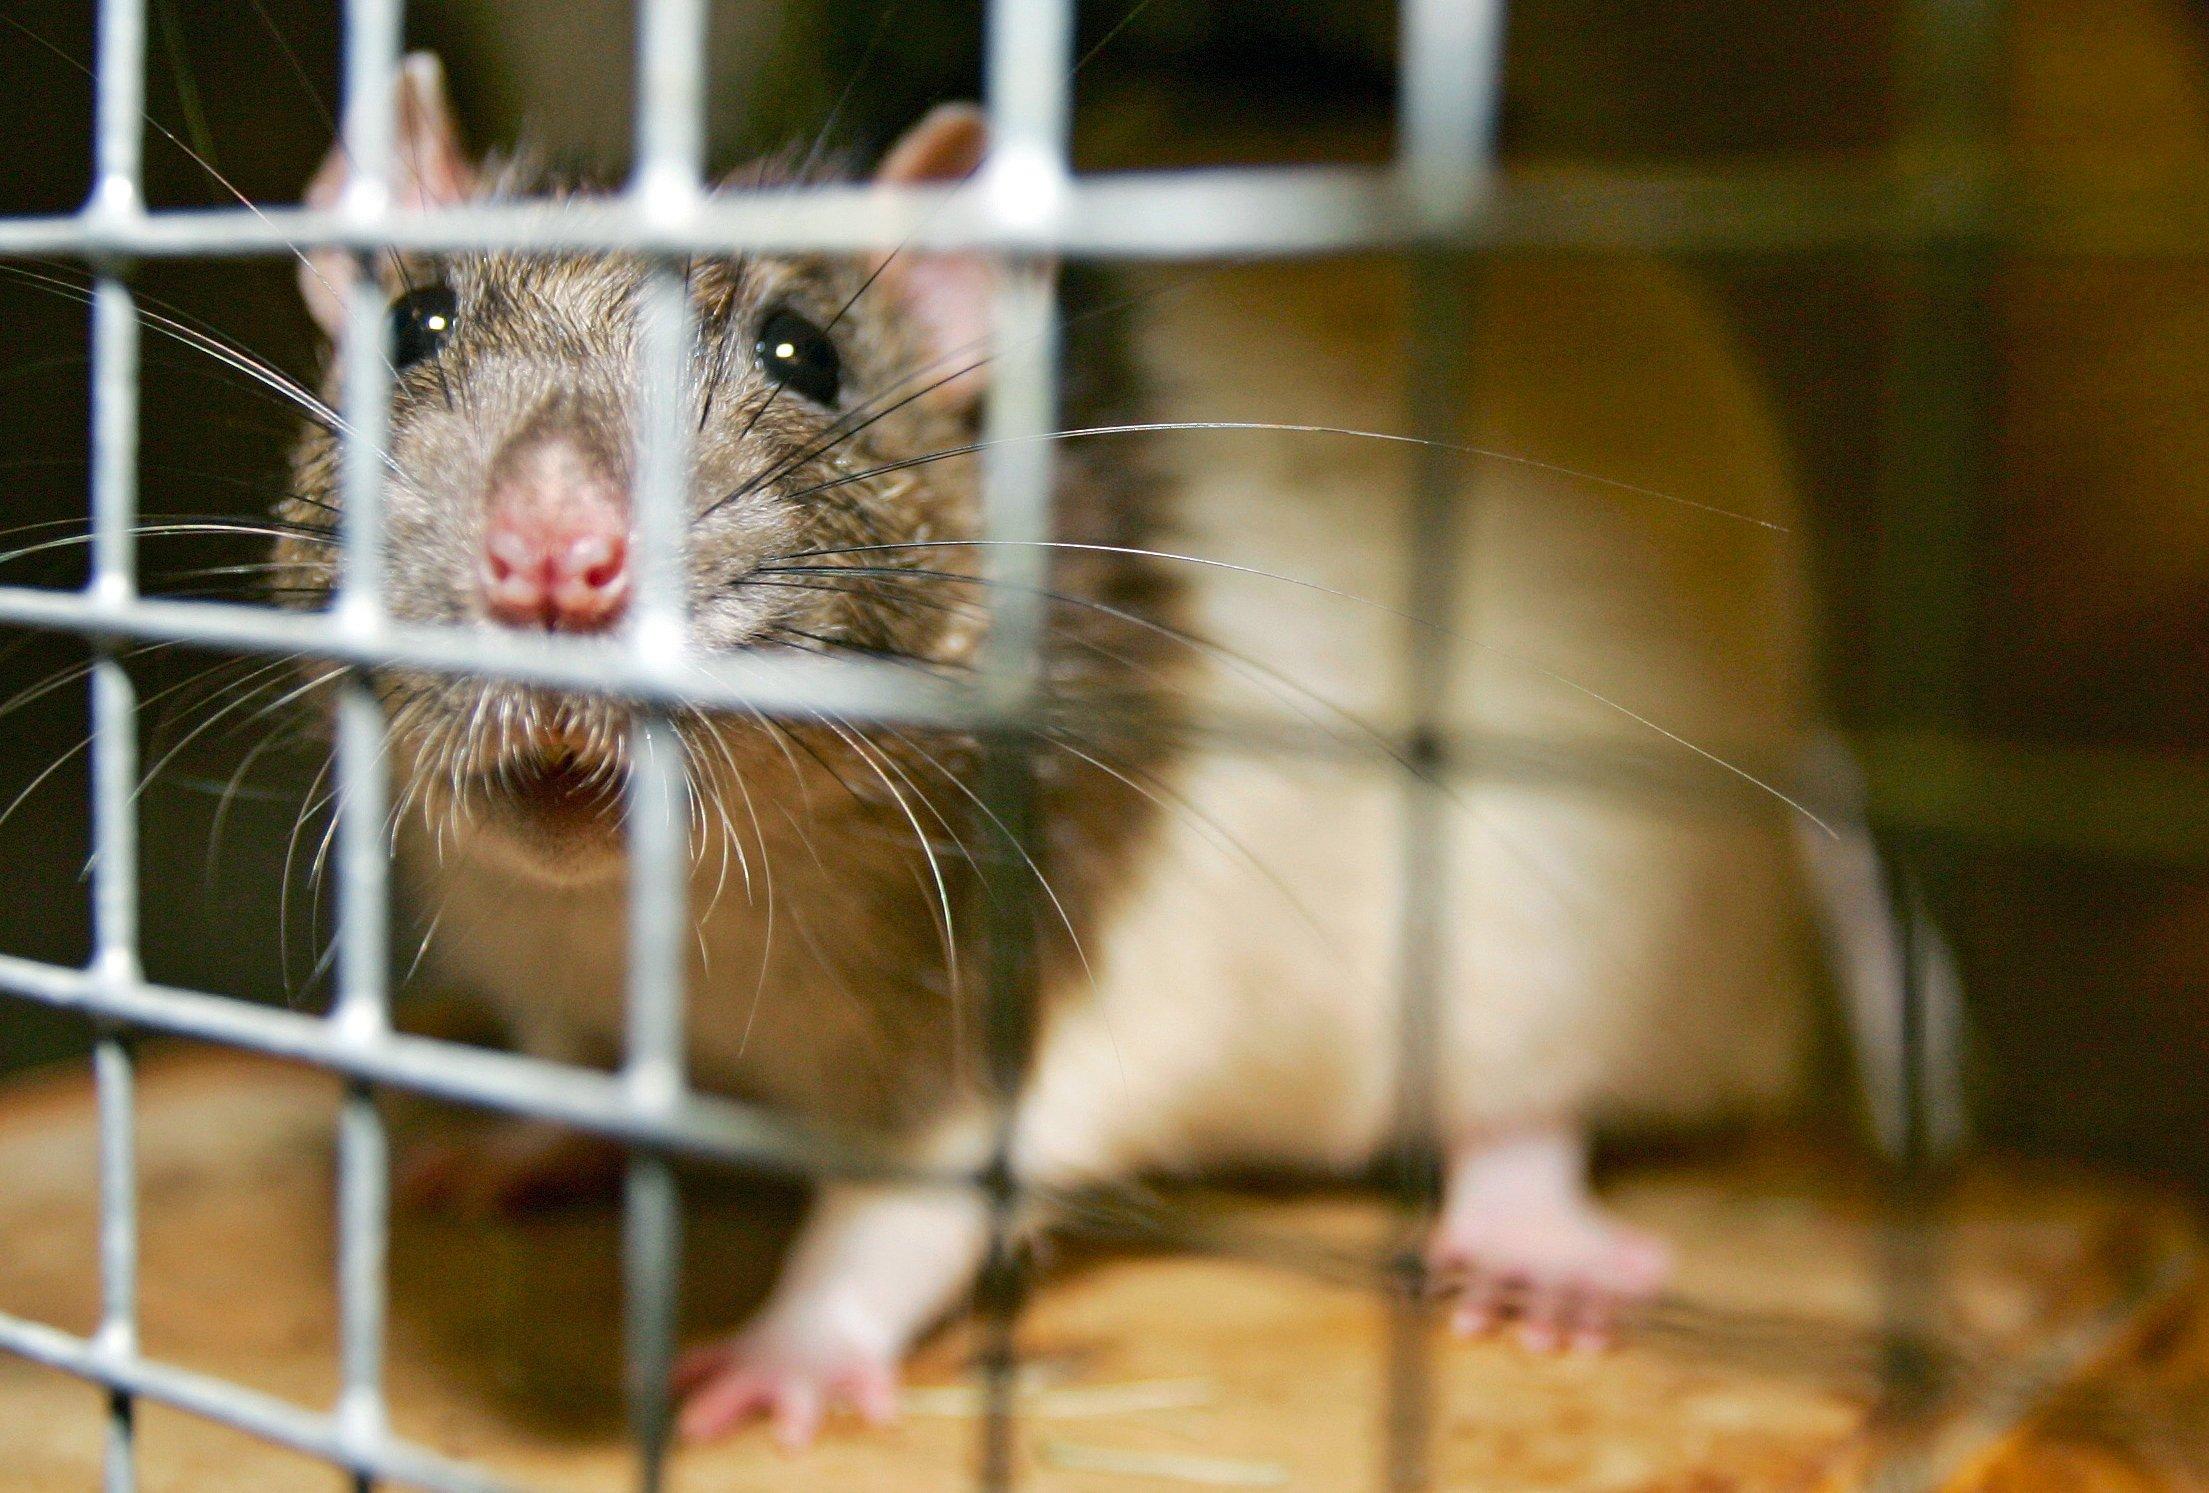 Die Ratte ist ein beliebtes Versuchstier in der medizinischen Forschung. Ihr Genom gleicht zu 90 % dem Erbgut des Menschen.